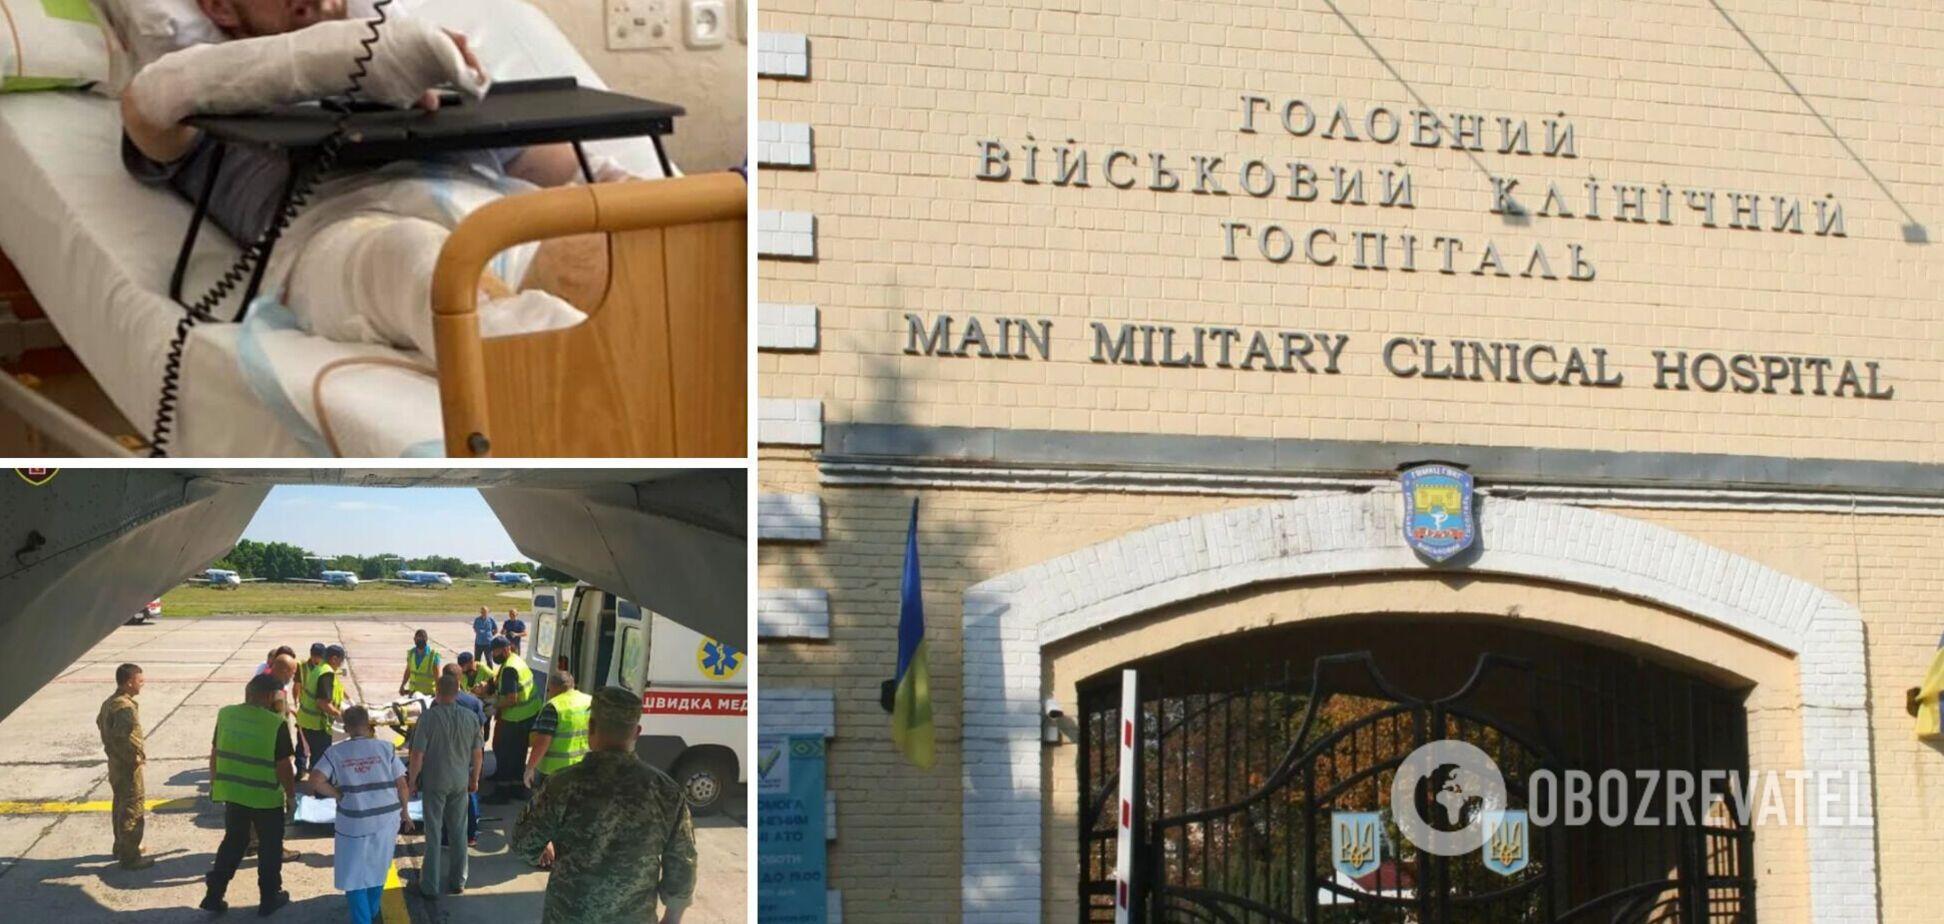 Тяжелораненому офицеру ВСУ понадобилась помощь: волонтер показала фото бойца